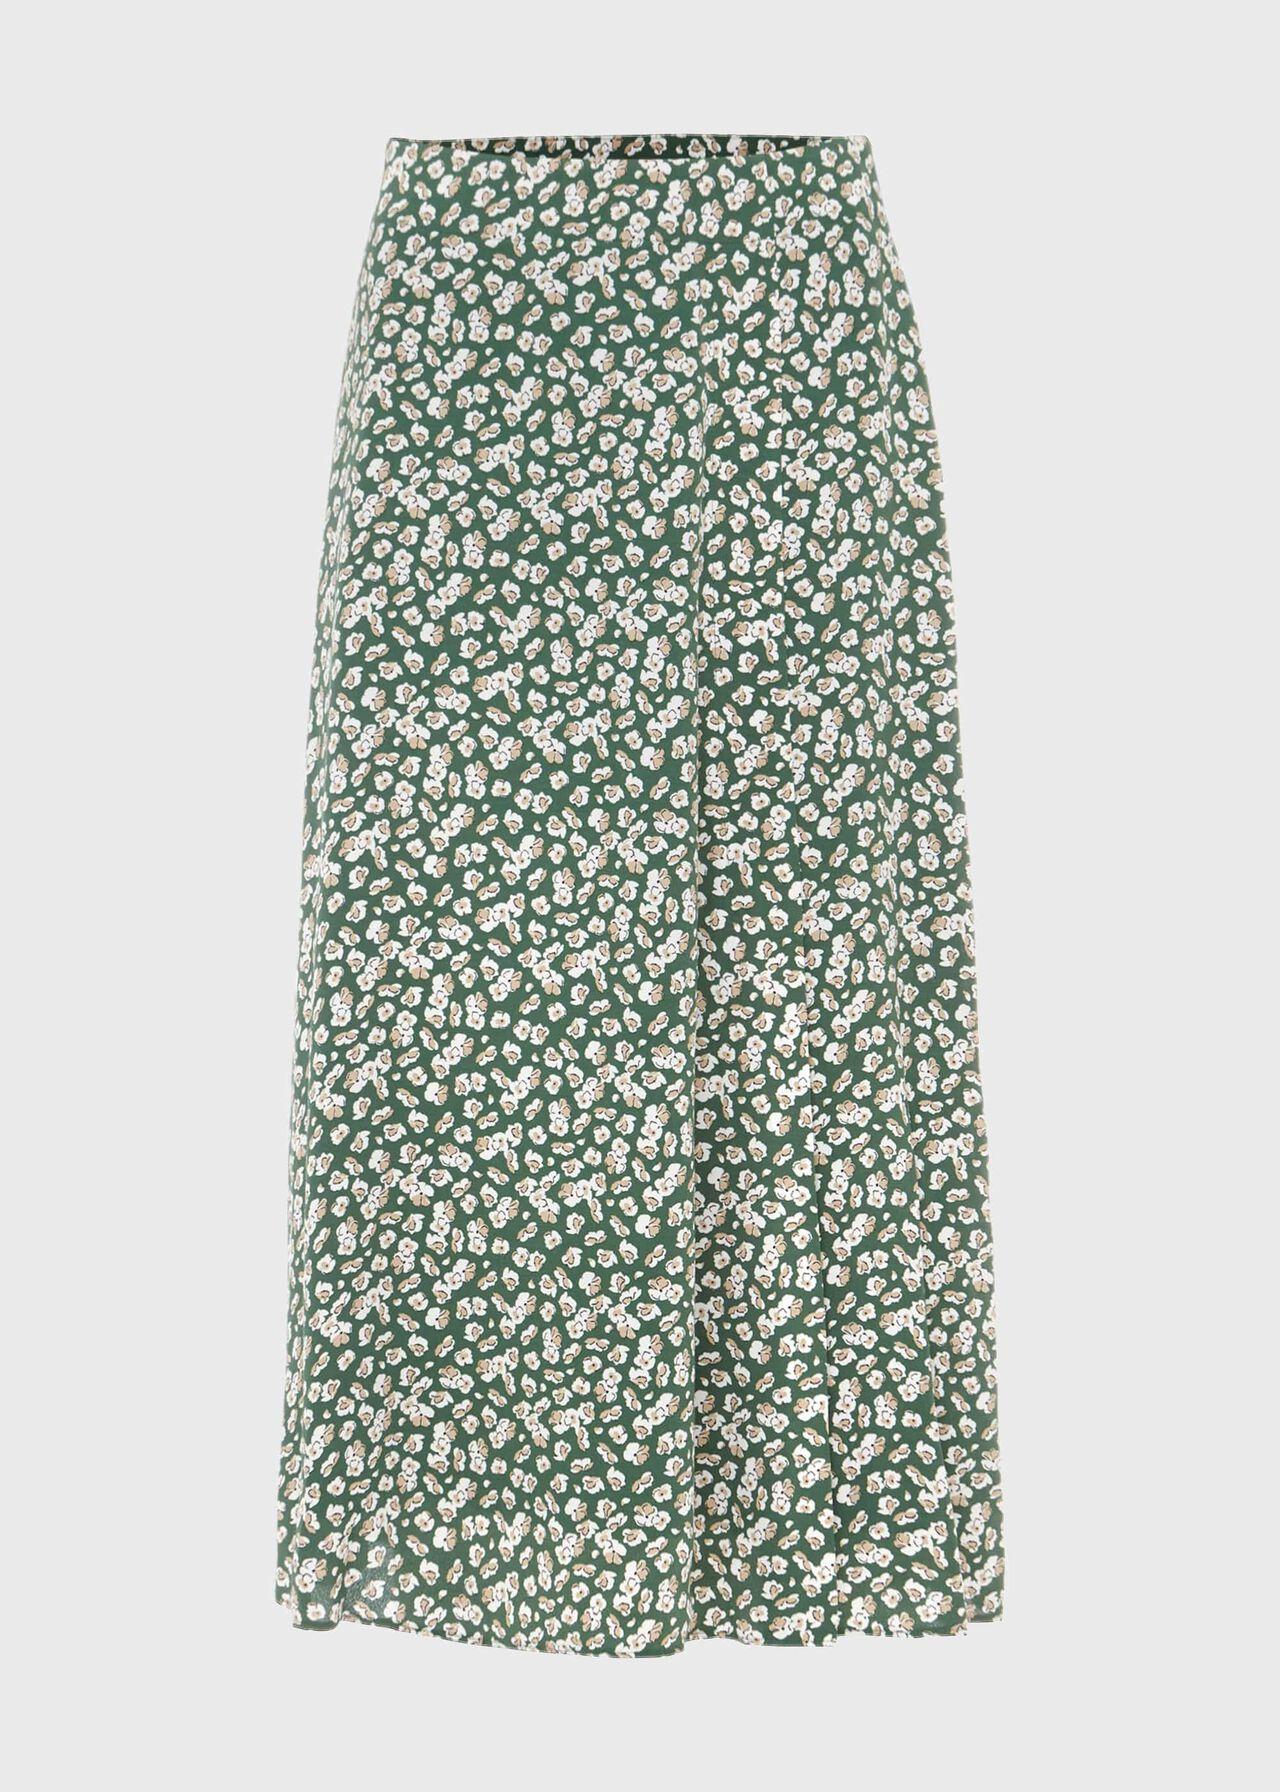 Annette Floral Midi Skirt   Hobbs